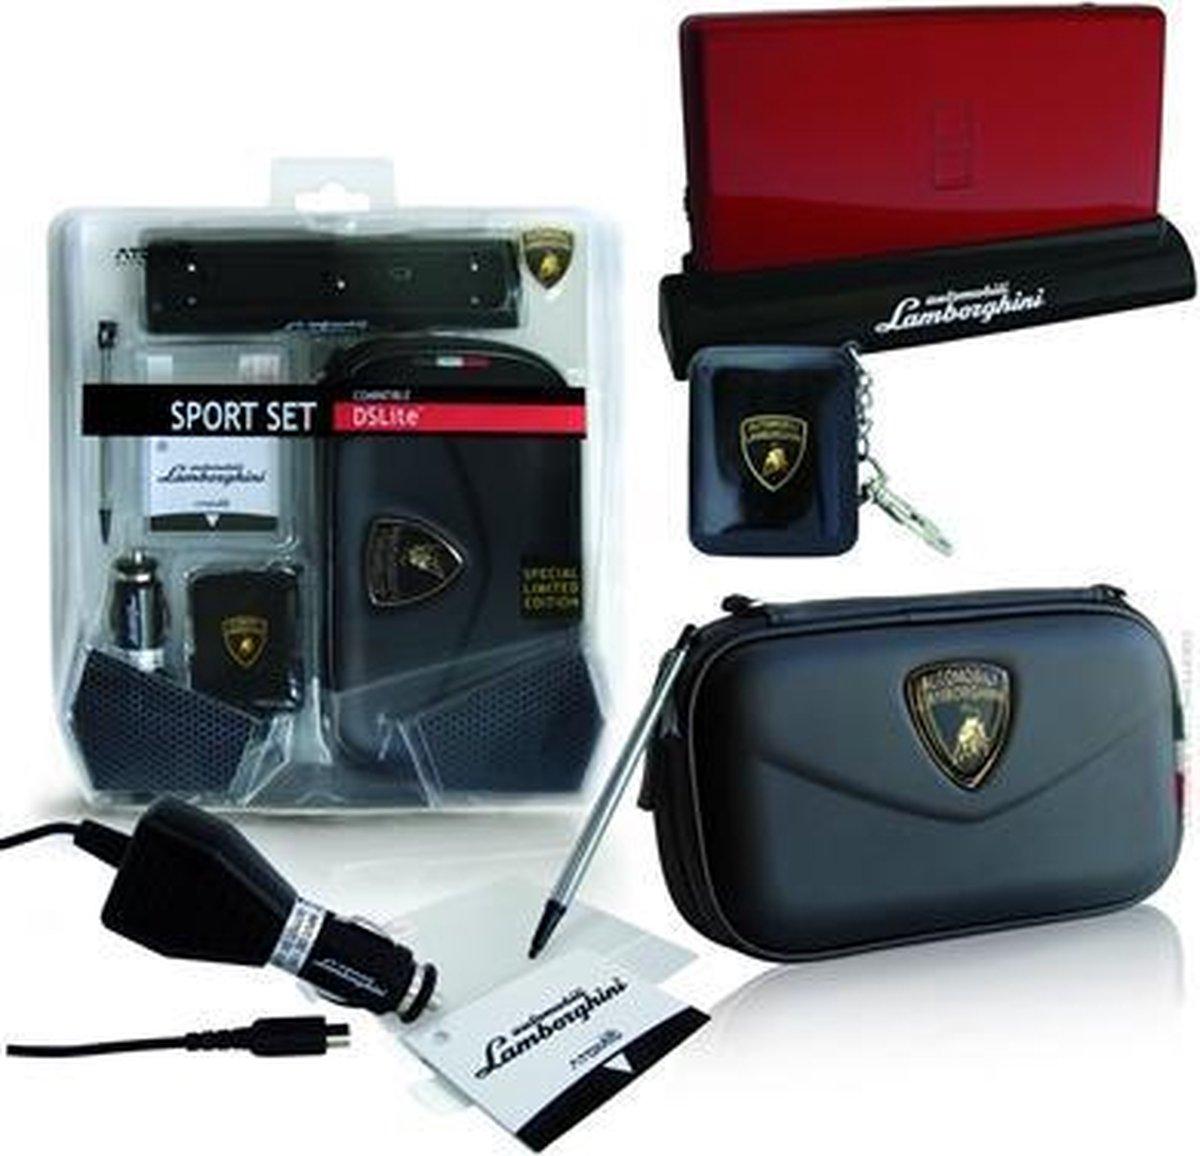 Lamborghini Sport set - PDP Gaming